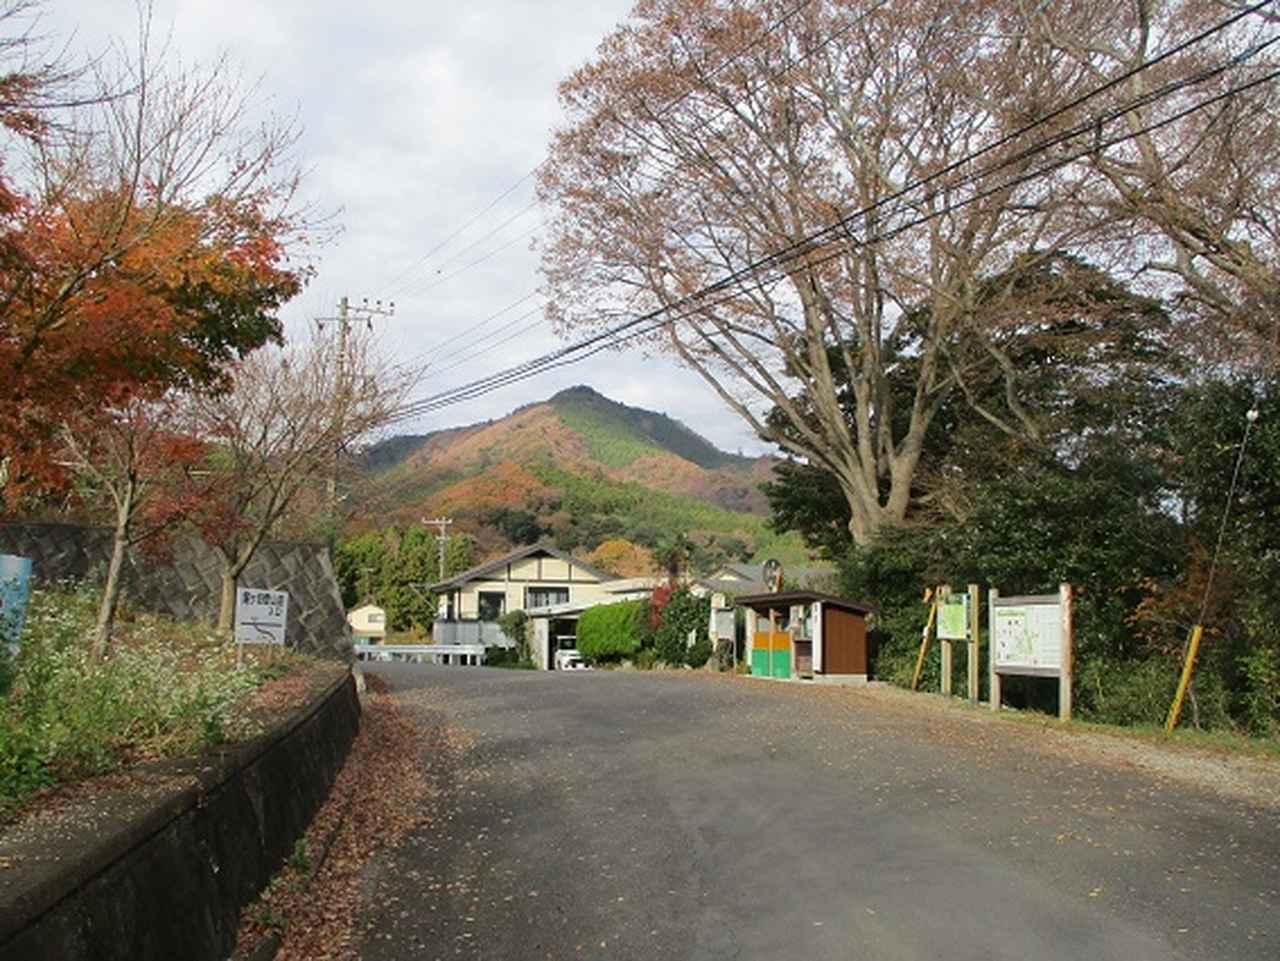 画像1: 12月の山旅会現地集合 「鐘ヶ岳」 ツアーの直前下見報告です